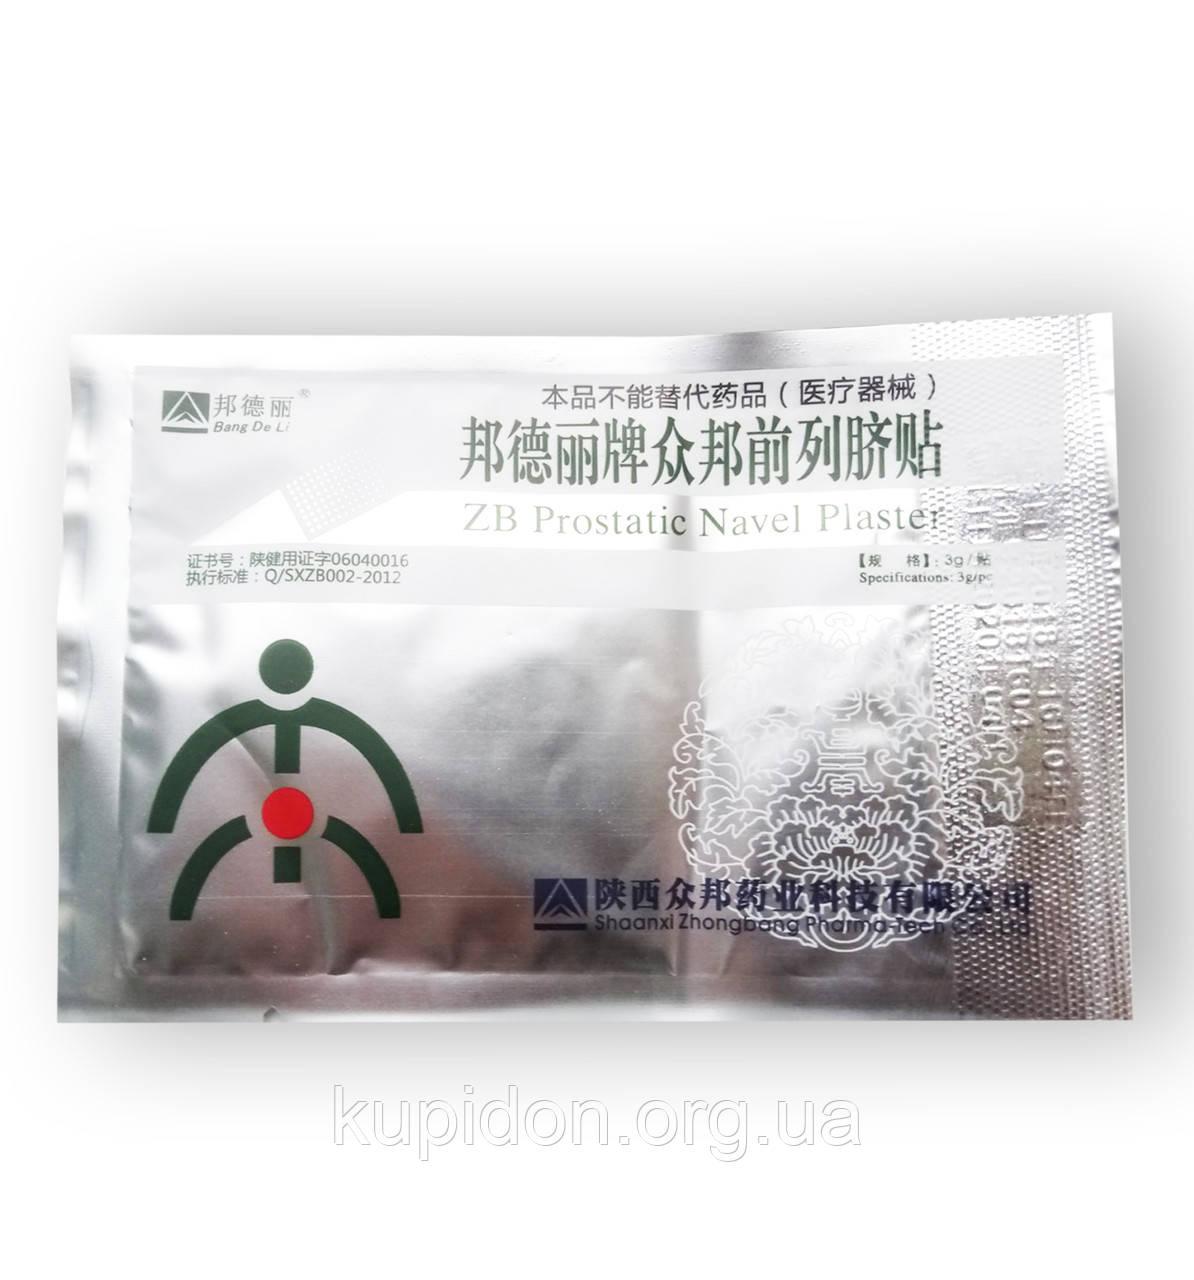 Zb Prostatic - Урологический пластырь